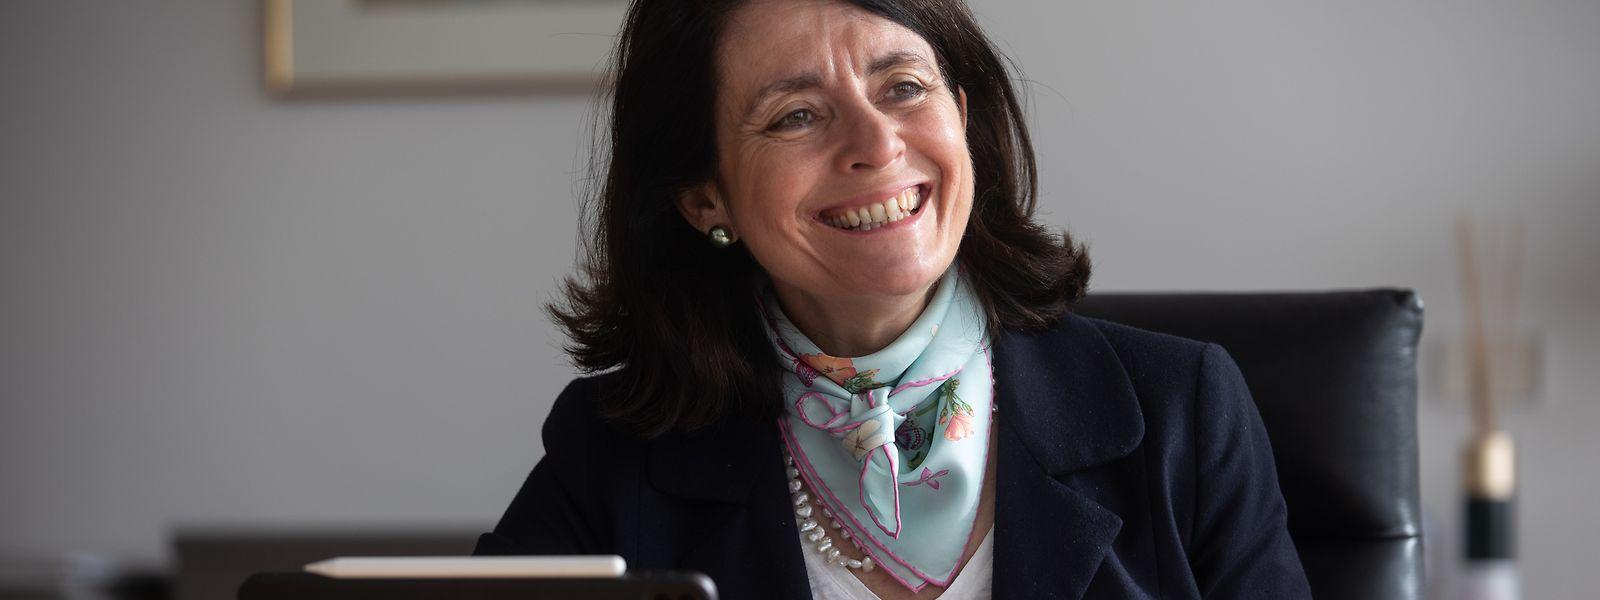 Béatrice Belorgey a le sourire et pour cause. La présidente du comité exécutif a présenté jeudi les (bons) résultats de la banque pour l'année 2020.